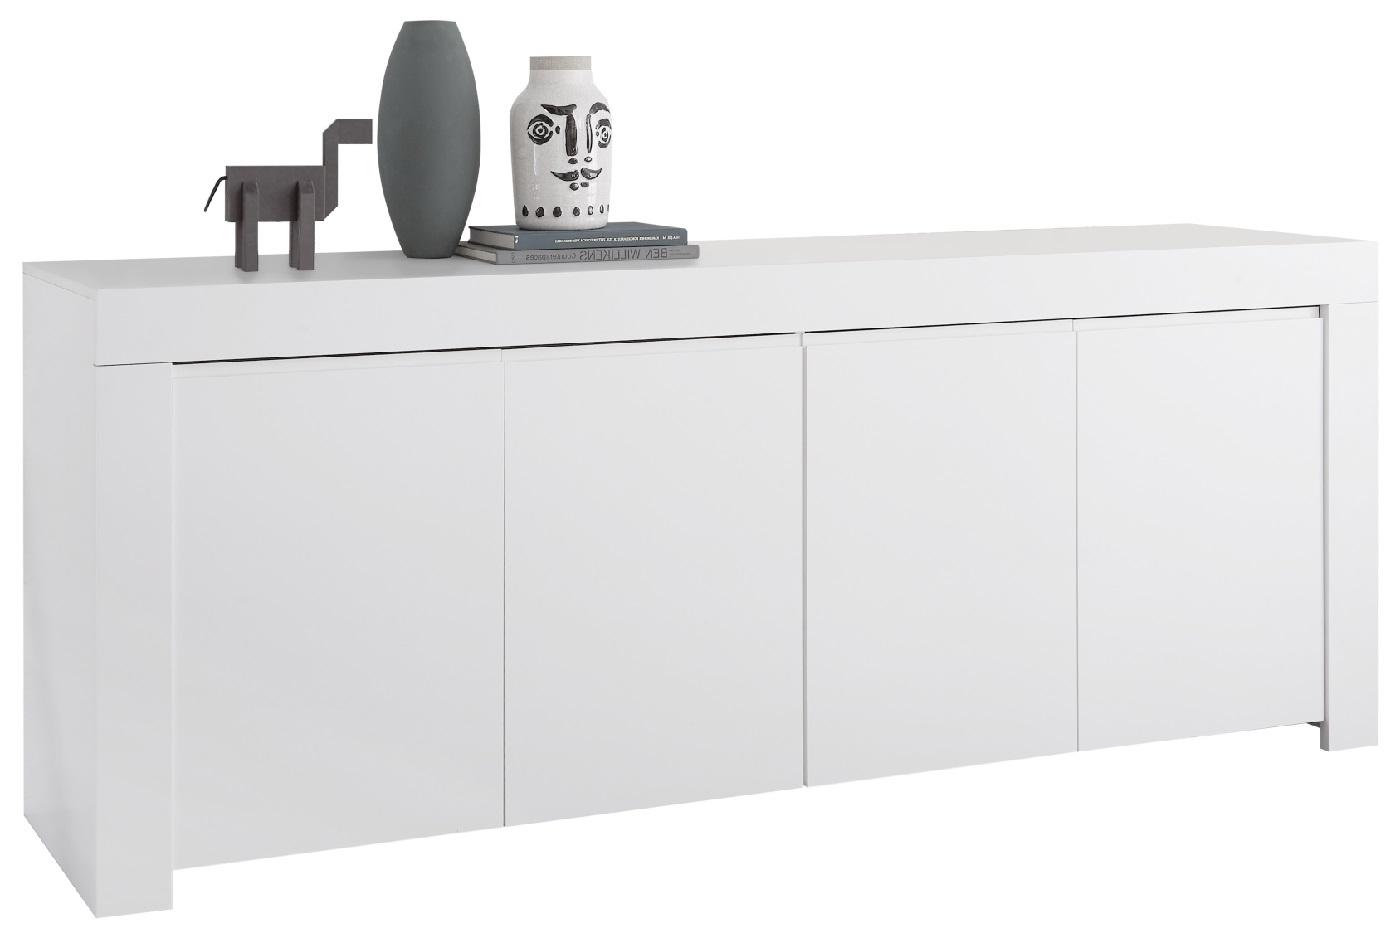 Dressoir Firenze 210 cm breed in mat wit | Pesaro Mobilia